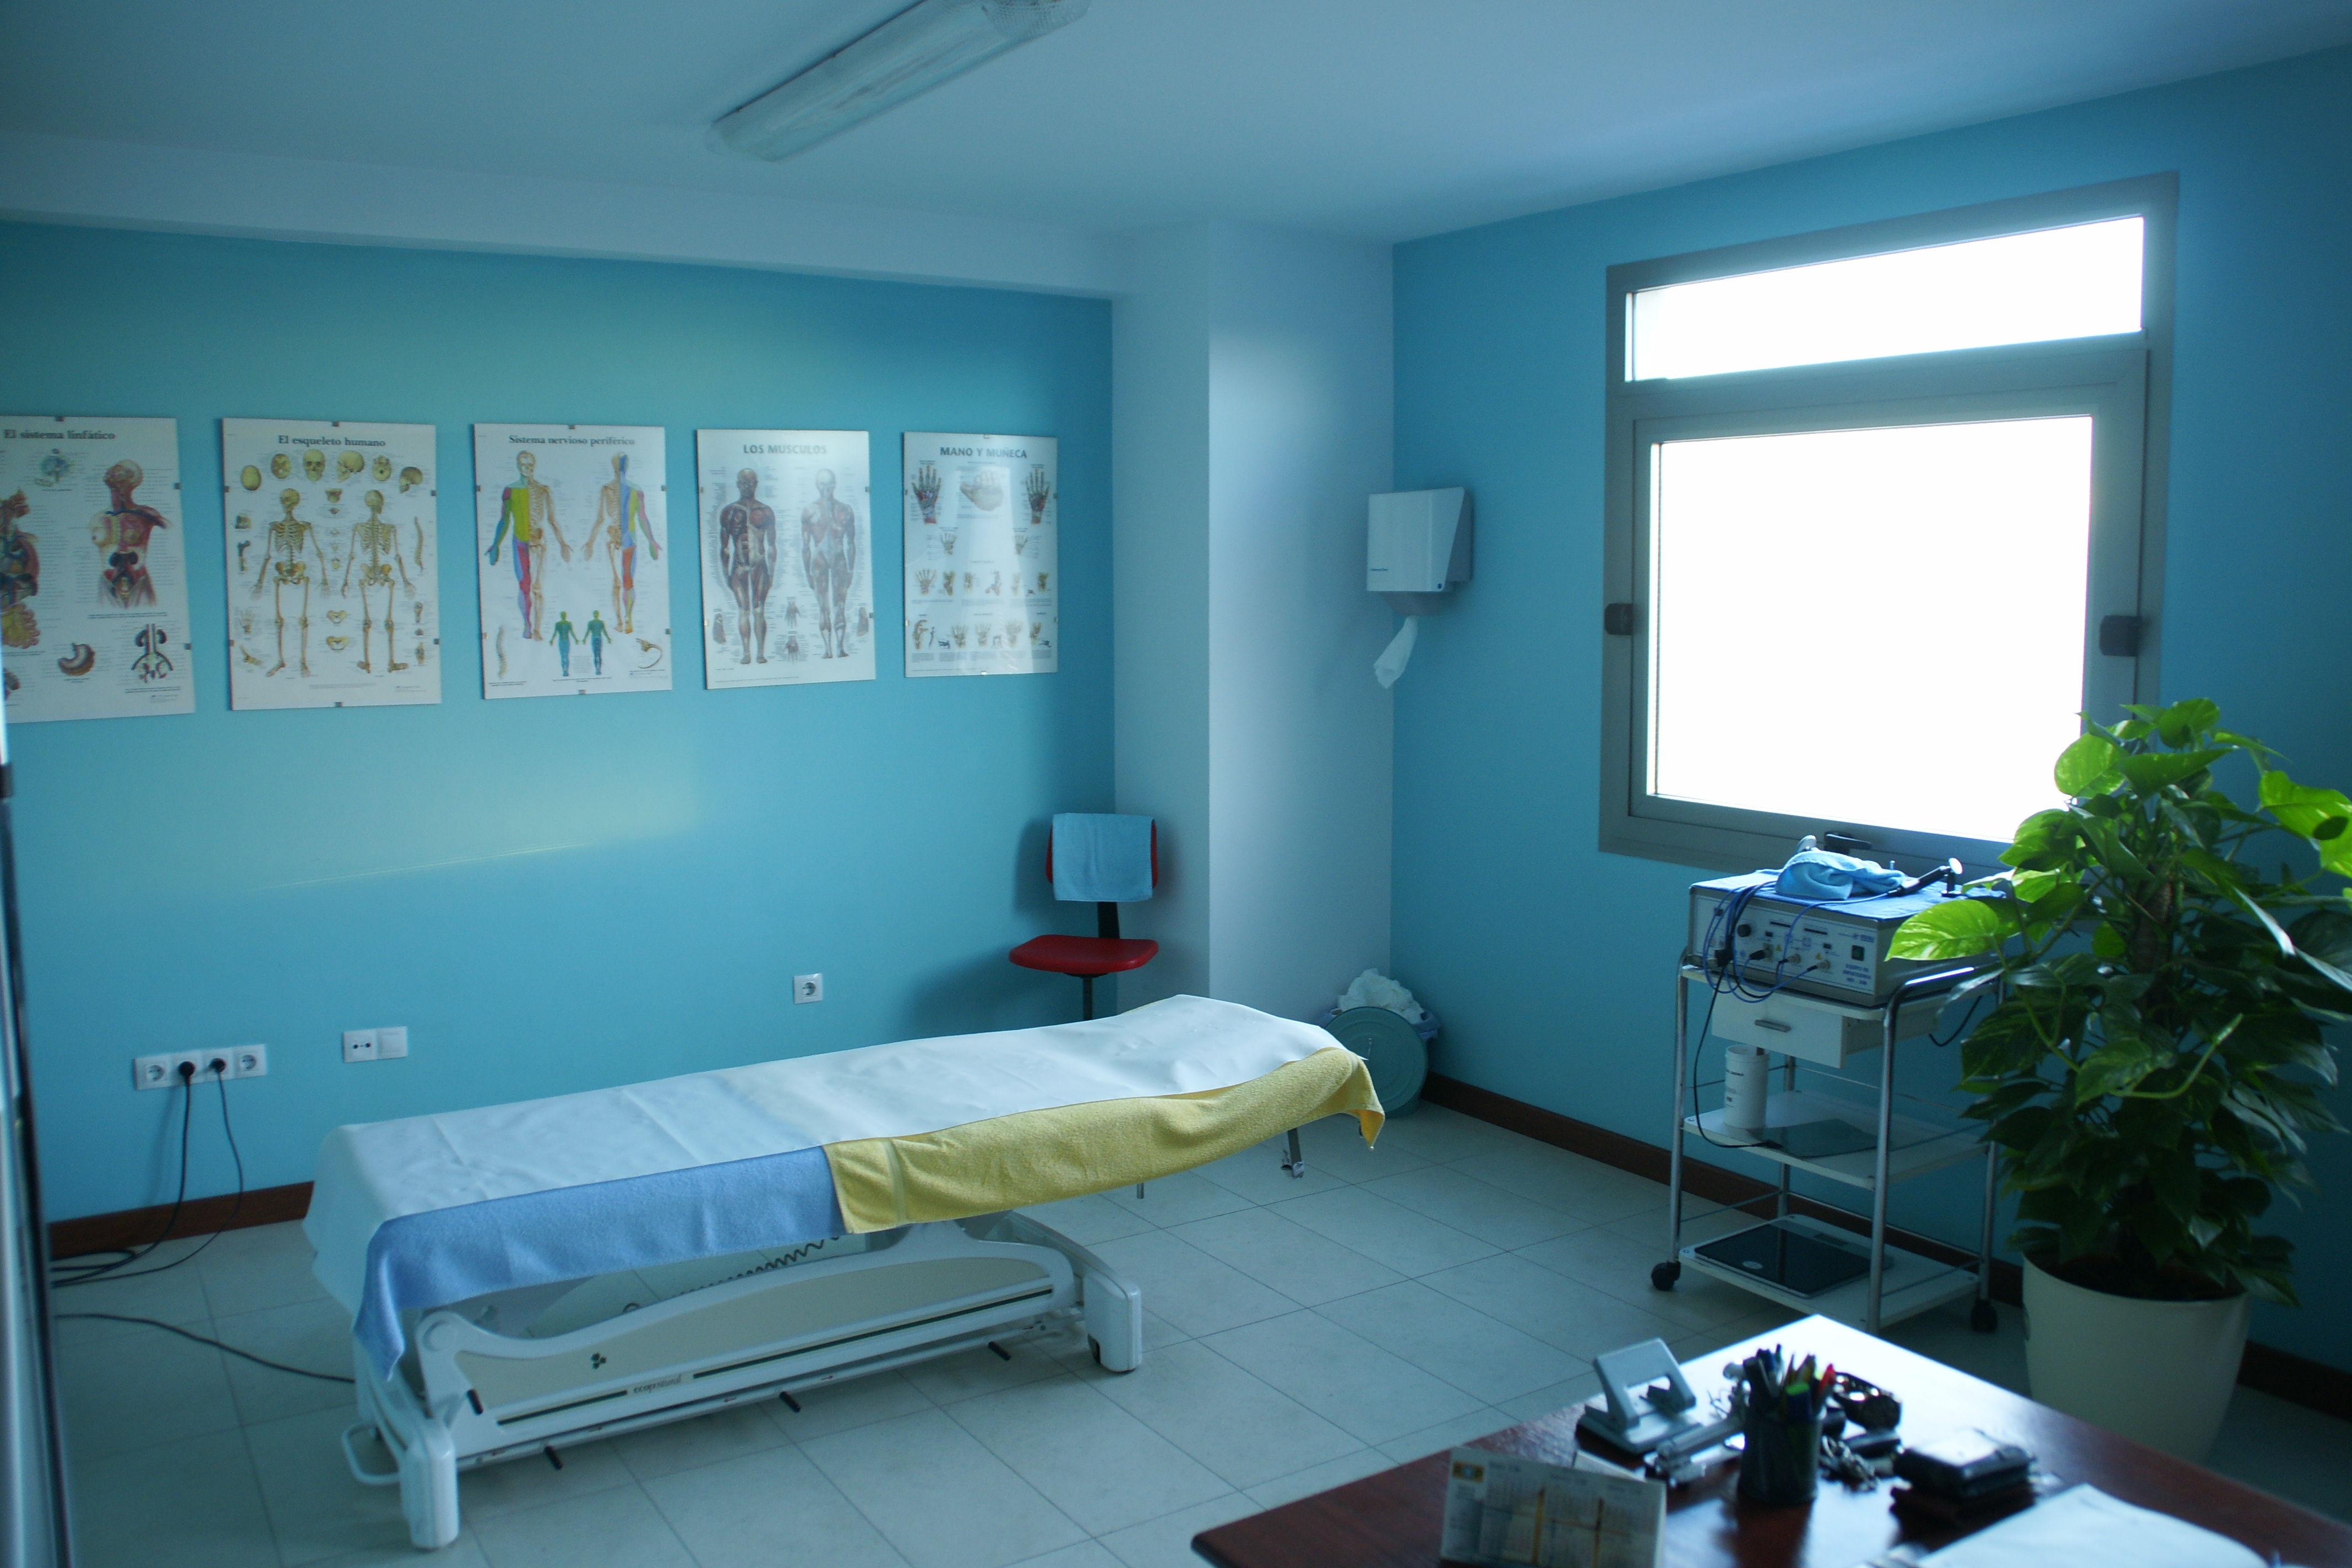 Foto 4 de Osteopatía en Arrecife | CEOST- Centro Parasanitario de Terapias Alternativas